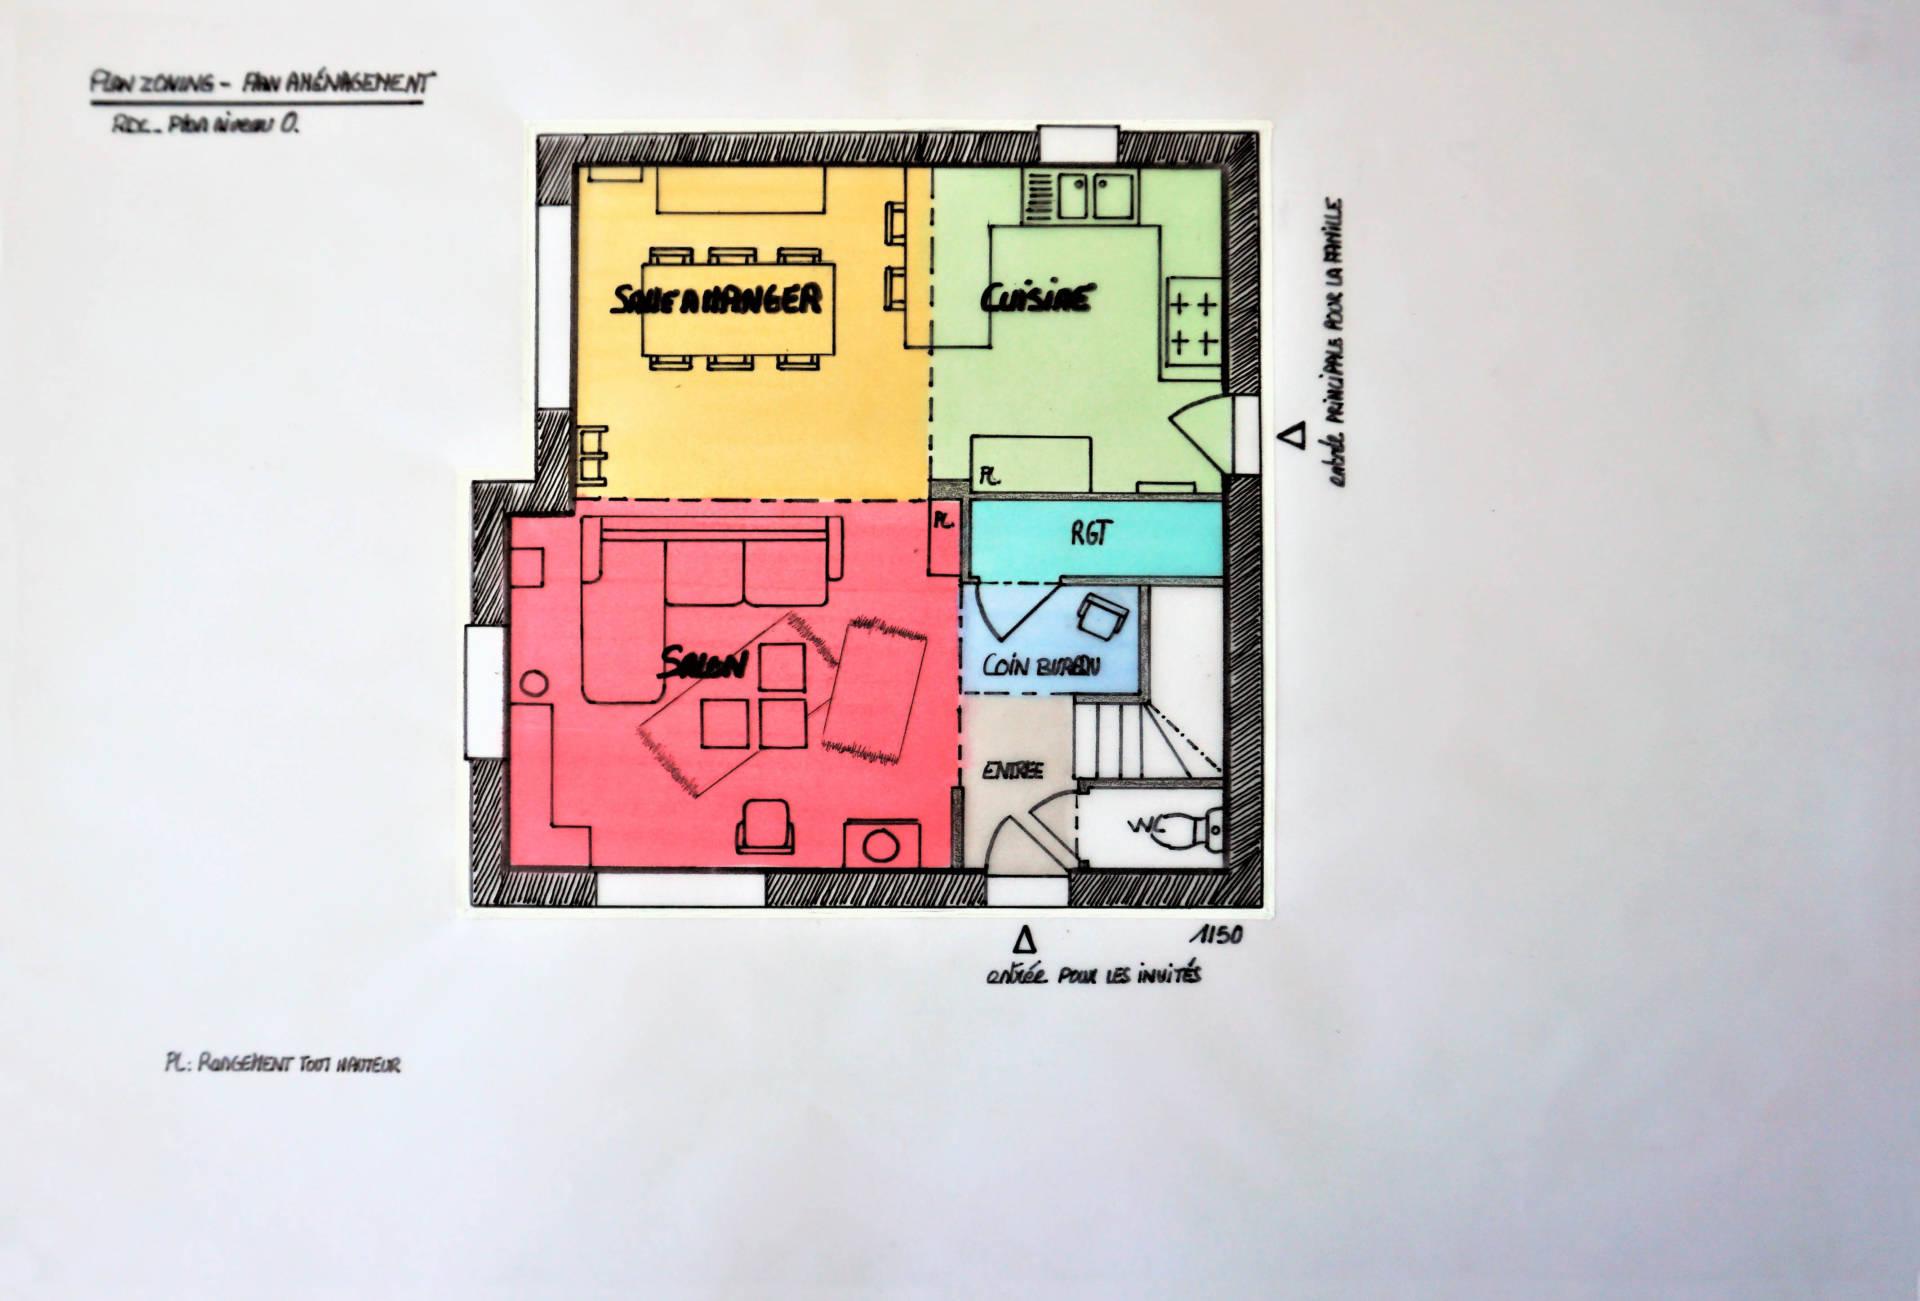 Plan aménagement par Anne Solenn Chérat, Décoratrice UFDI sur Lorient, Vannes, Pontivy, pièce de vie